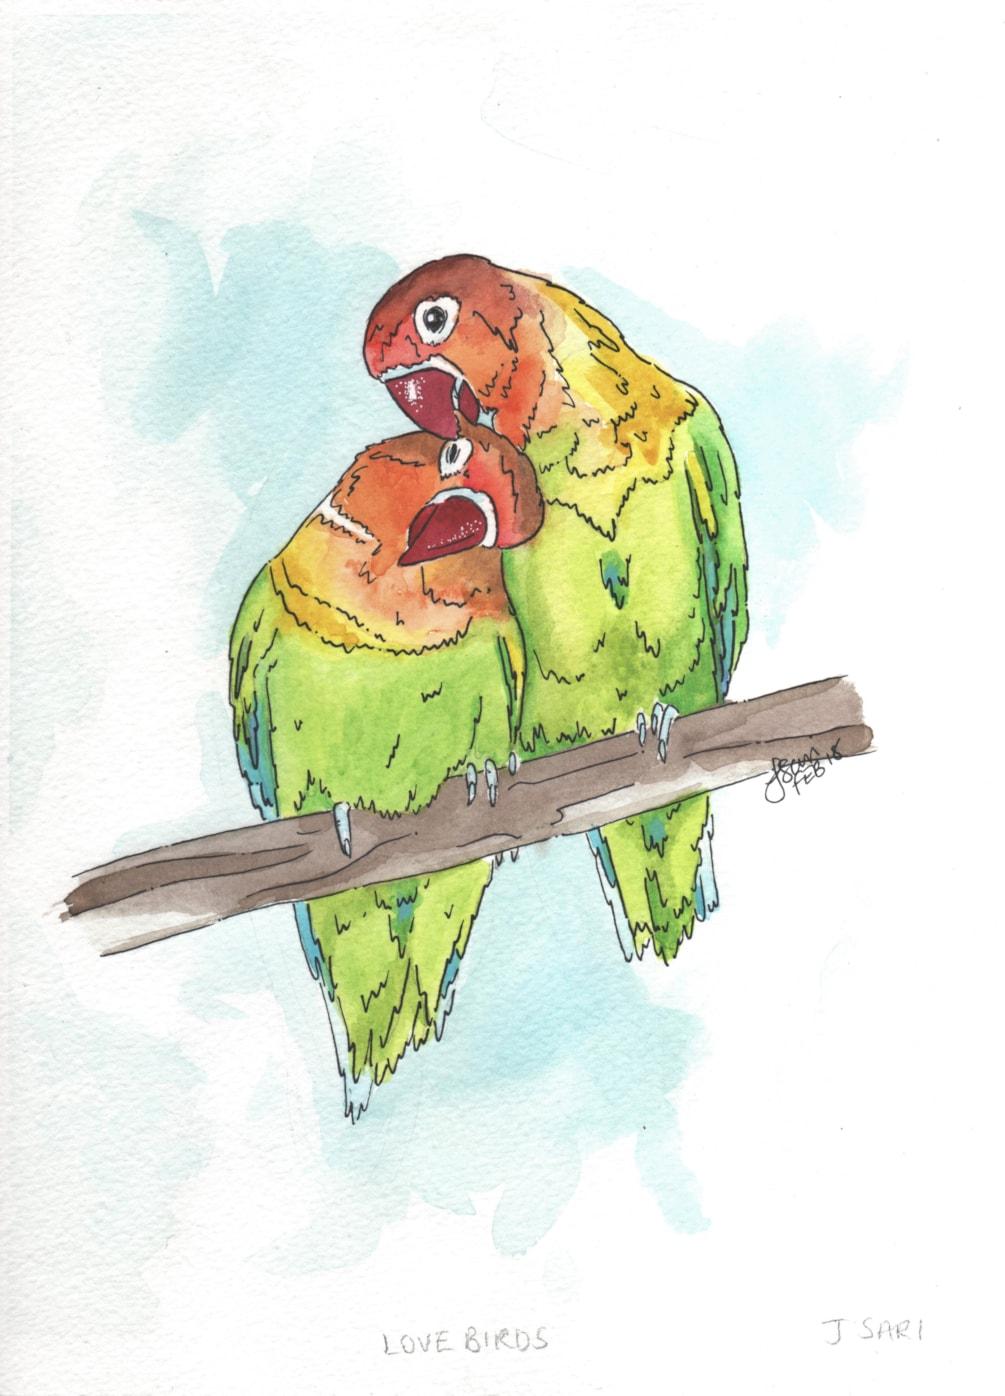 LoveBirds - Watercolour 2018